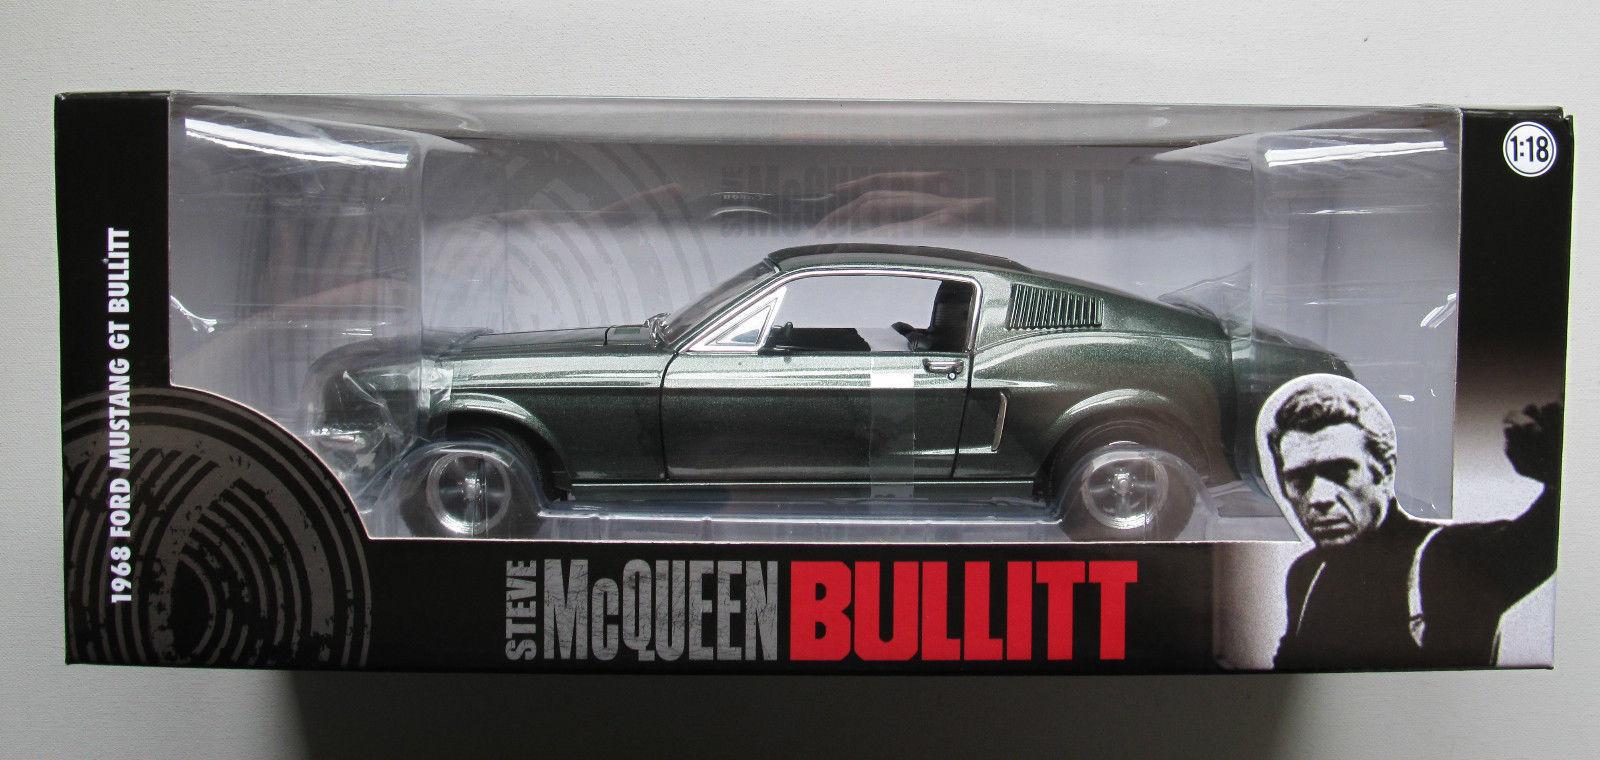 1 18 vertlumière  1968 Ford Mustang Steve McQueen Bullitt  marques en ligne pas cher vente